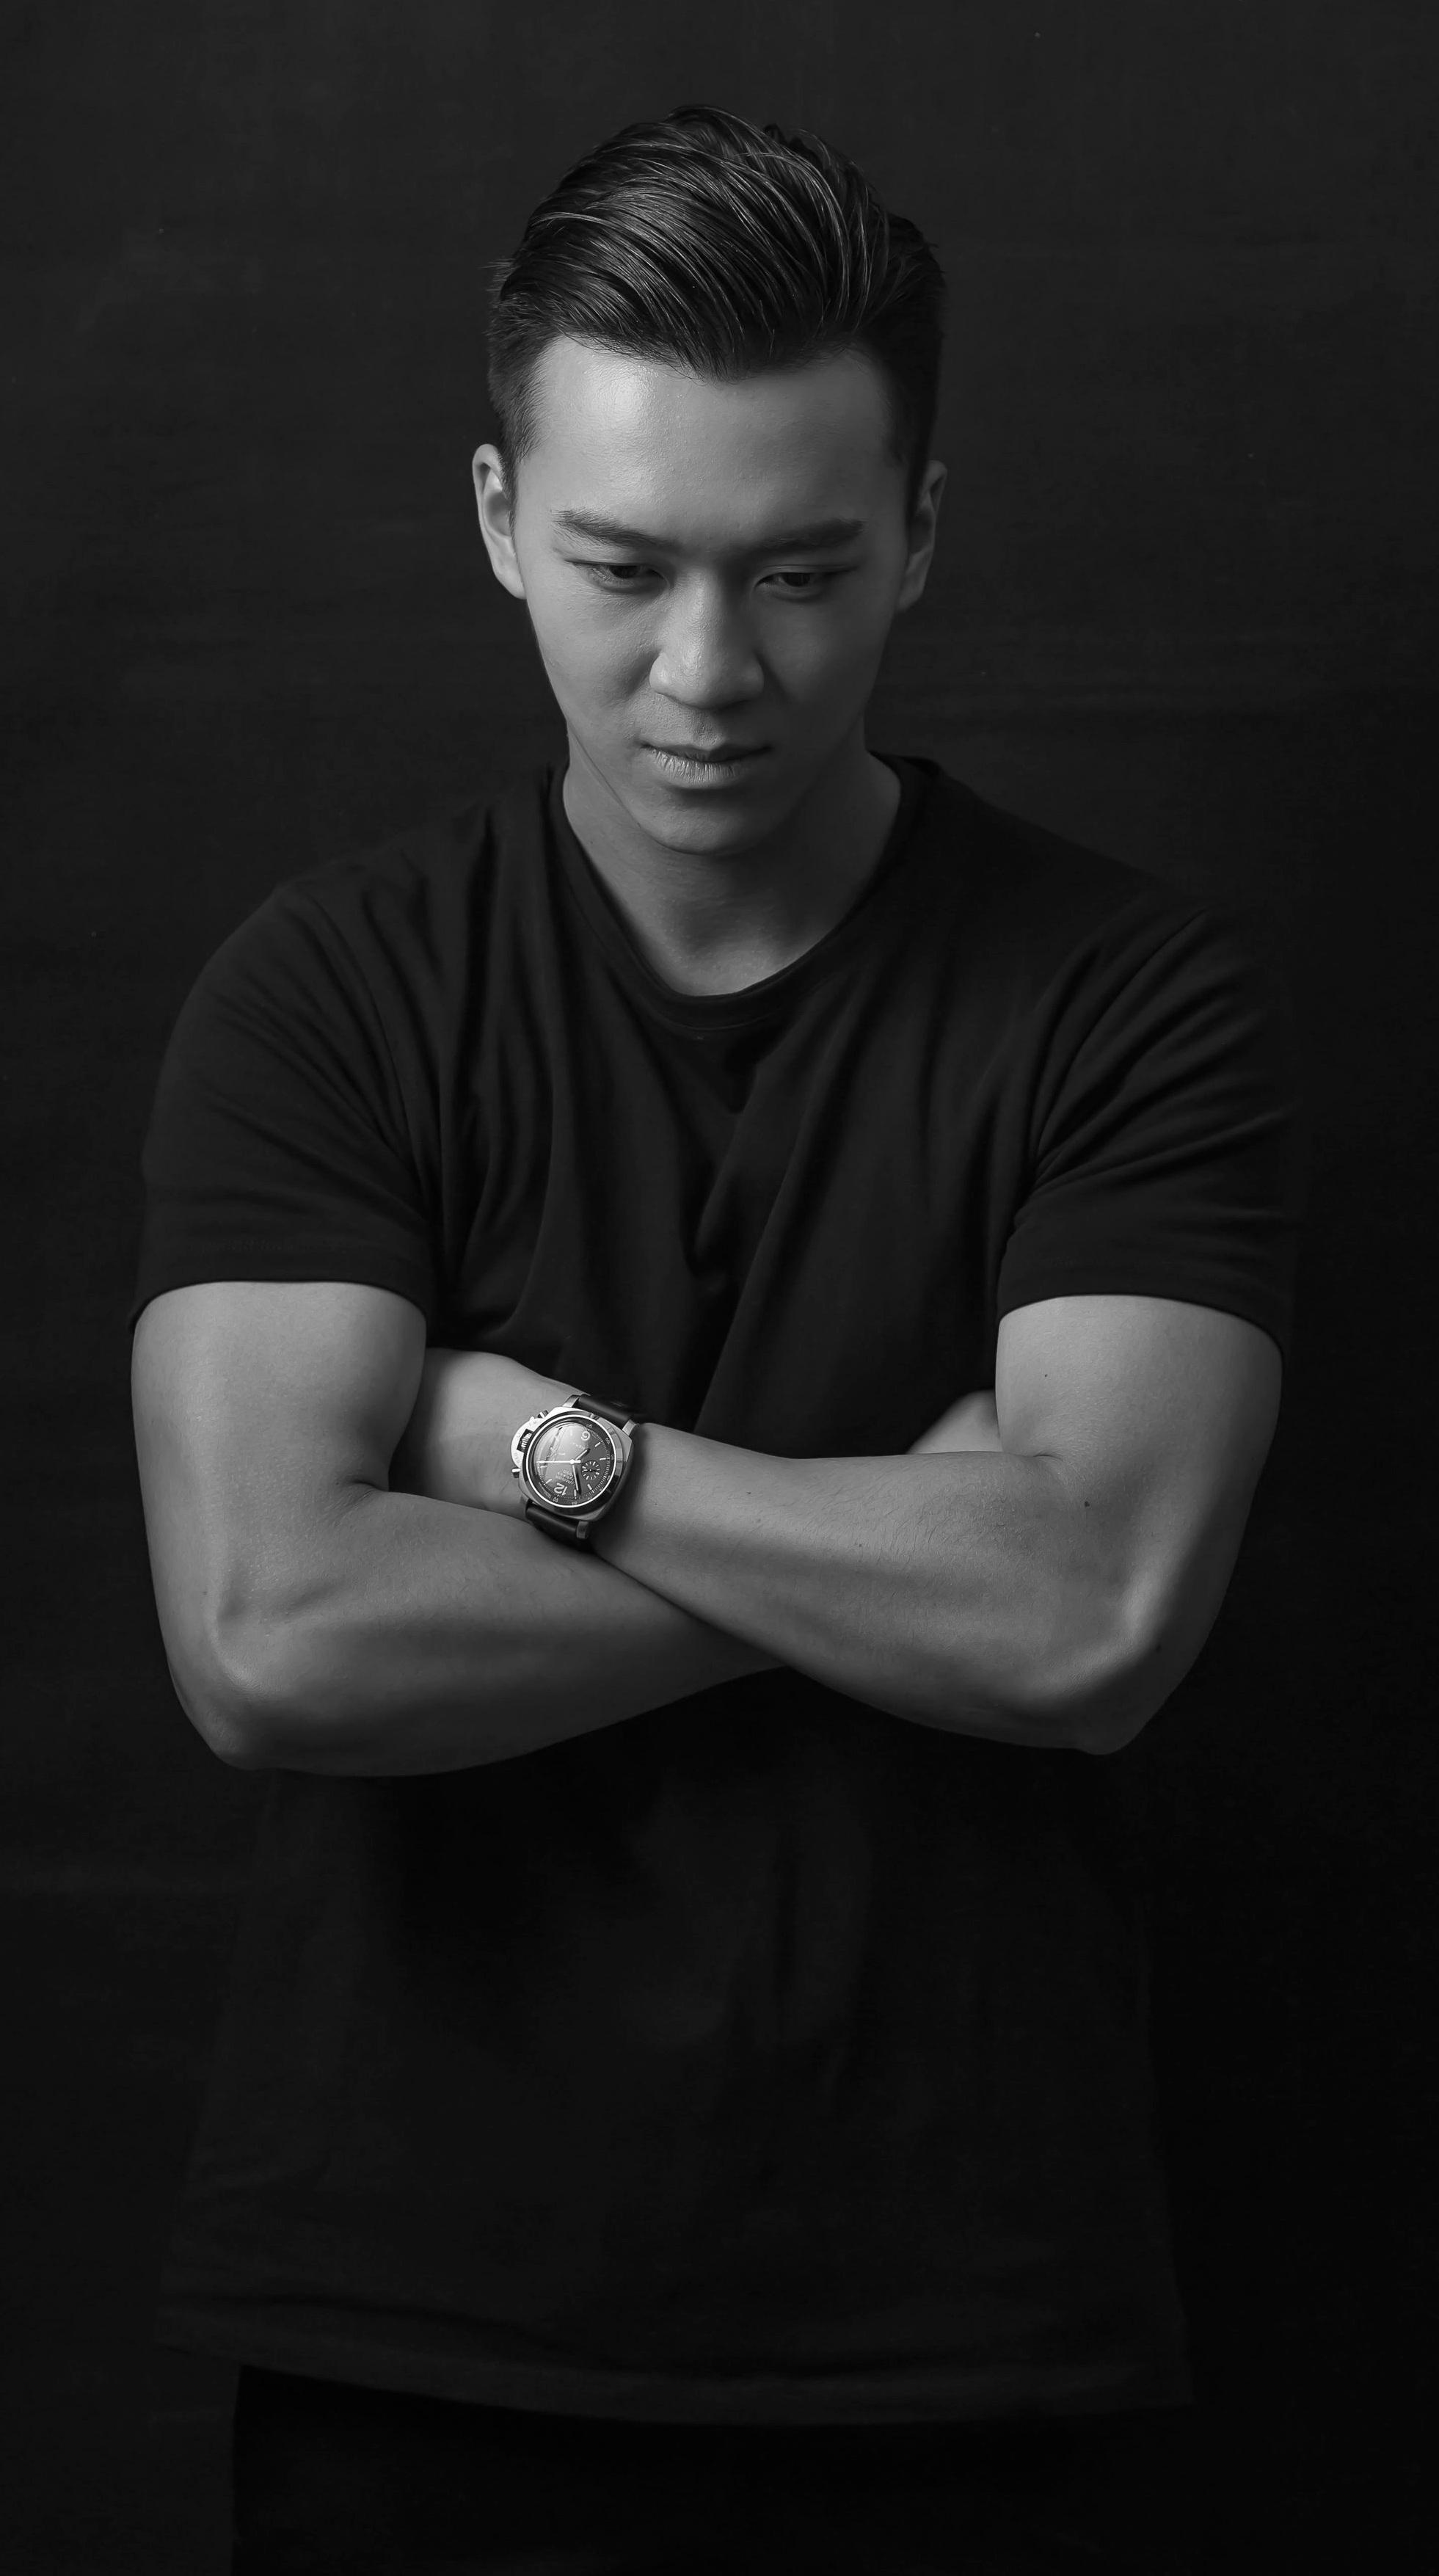 """叶望风毕业于香港中文大学文化研究系。热爱魔术的他曾随魔术大师Jeff McBride及Eugene Burger 深造于拉斯维加斯著名魔术学府-MAGIC and MYSTERY SCHOOL。他是FISM世界魔术联盟亚洲冠军赛优胜者。曾于2012年出战于英国举行的""""魔术奥林匹克""""-FISM 大会。  Fung is a graduate student of the Department of Cultural Studies at the Chinese University of Hong Kong. Fung is a protégé of masters Jeff McBride and Eugene Burger from the Magic & Mystery School, Las Vegas's most prominent school for learning magic. In addition, he won the FISM Asia Grand Prix award and participated in the 2012 FISM World Championships of Magic held in the UK."""